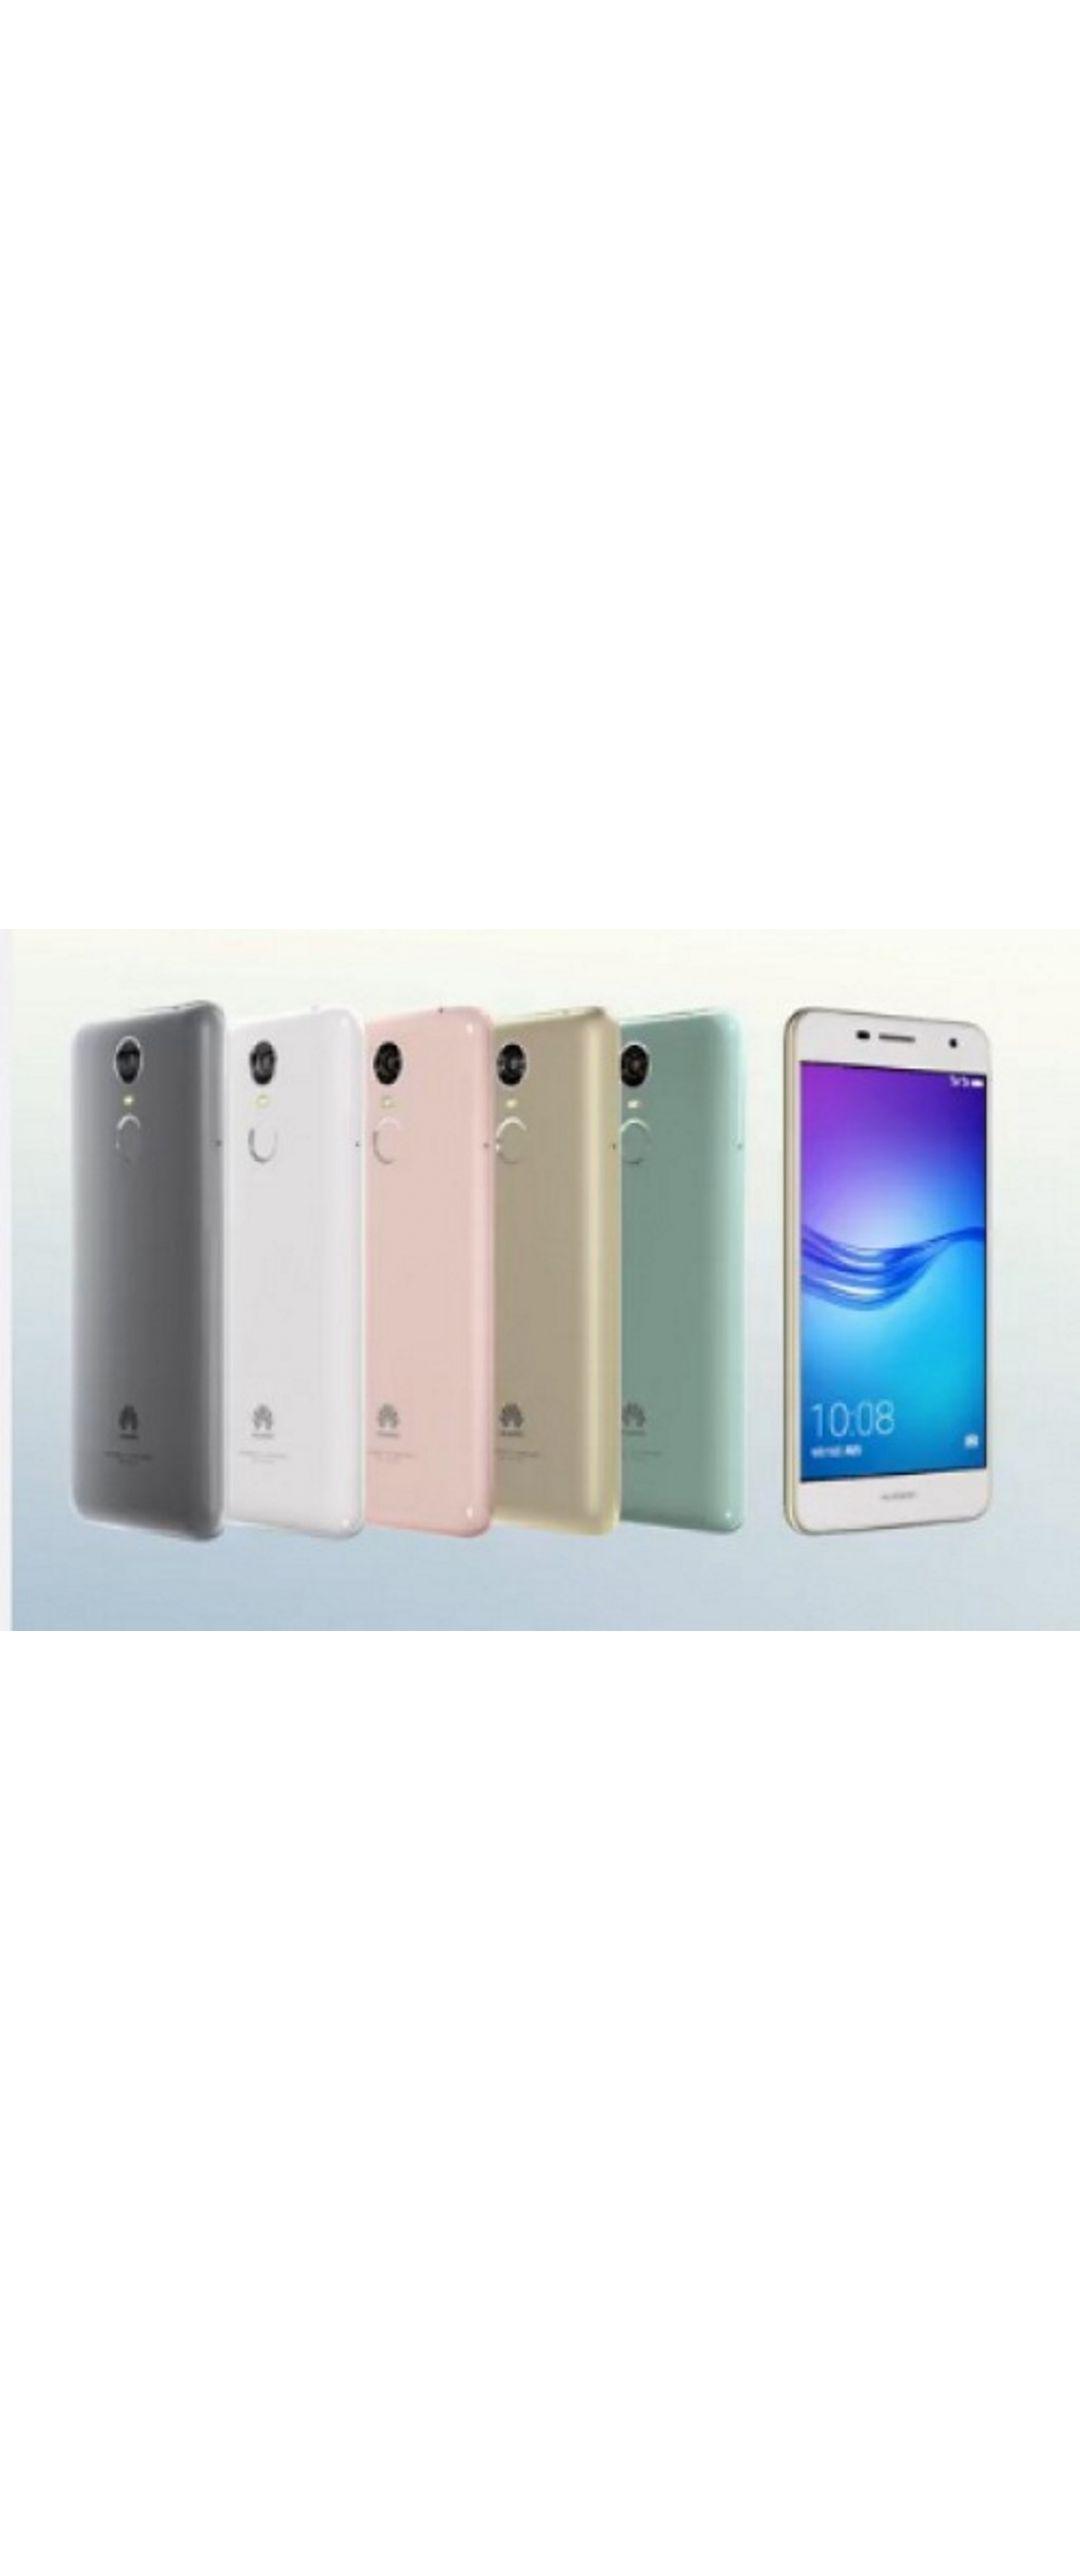 Huawei Enjoy 6S: un gama baja con especificaciones interesantes